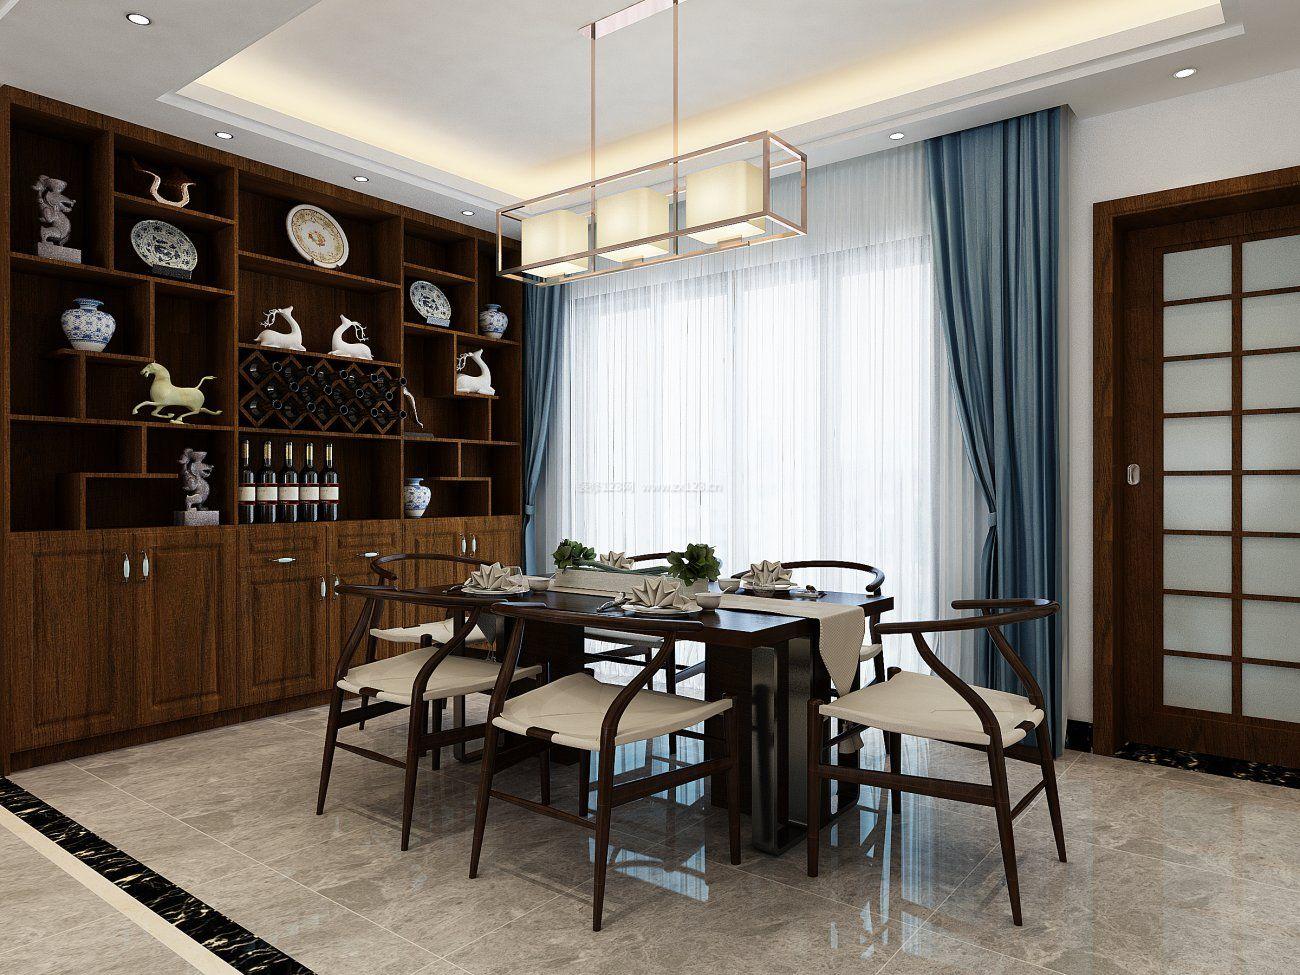 家装效果图 中式 新中式风格餐厅实木酒柜设计装修效果图2017 提供者